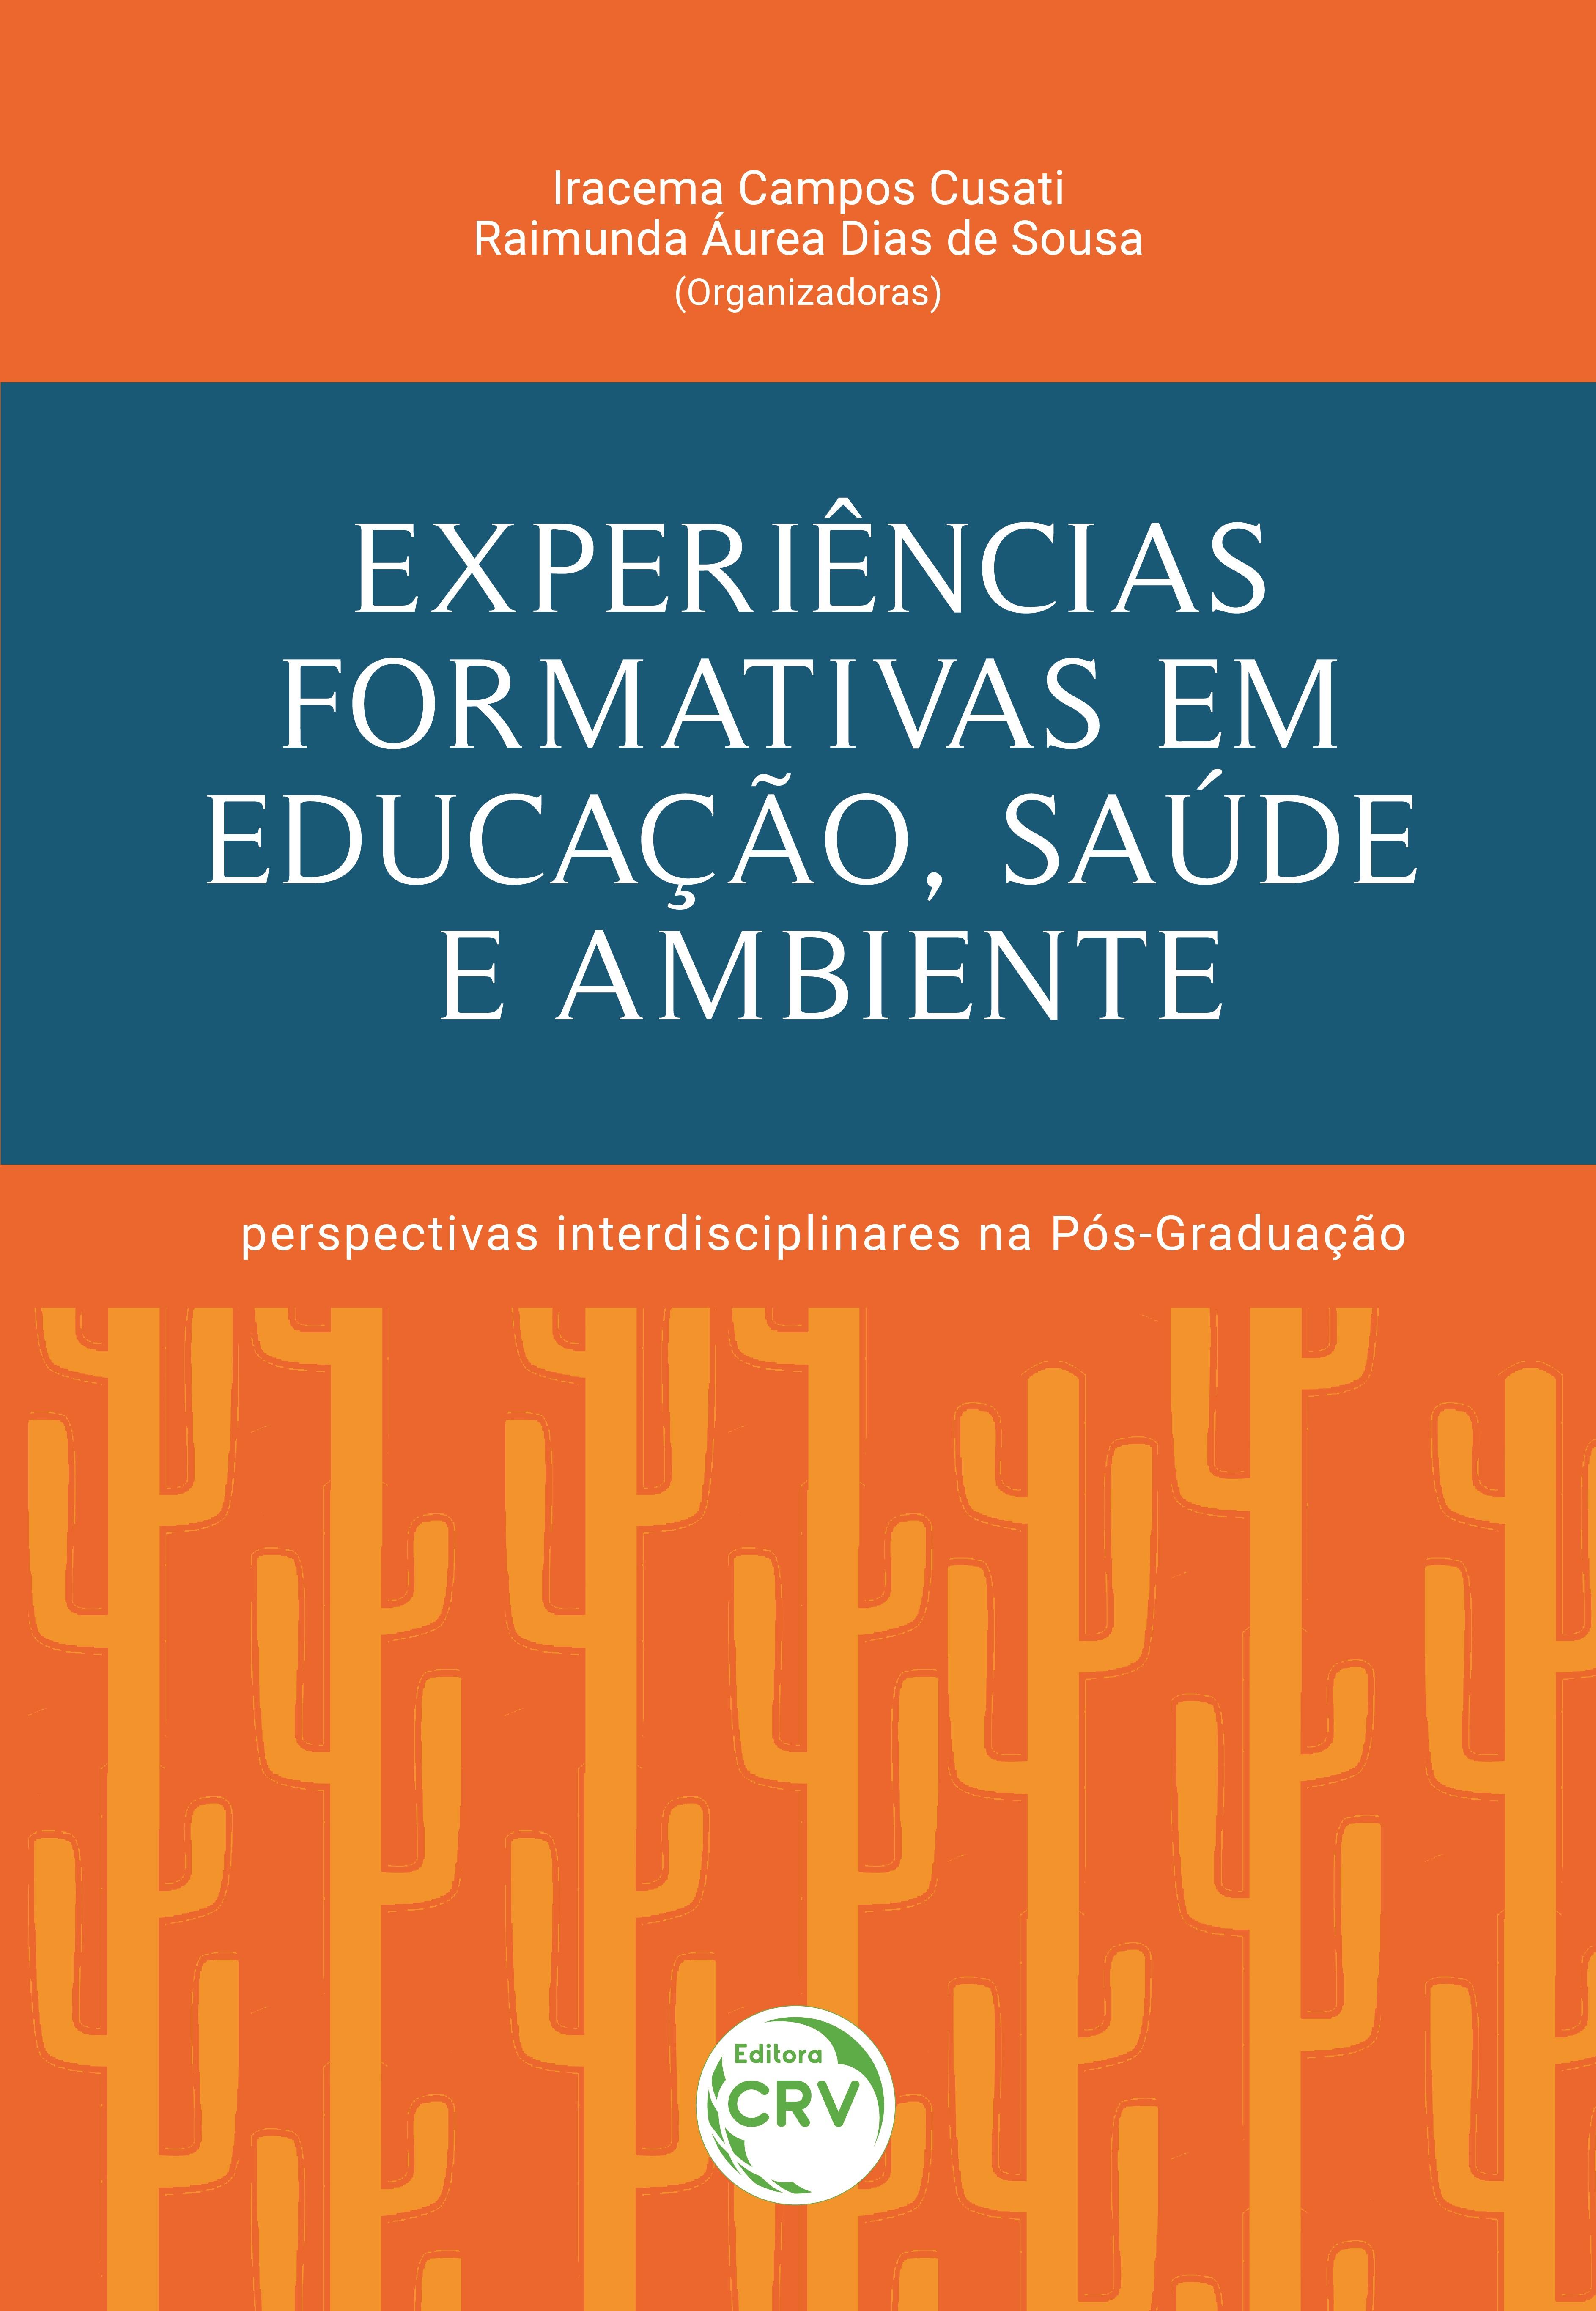 Capa do livro: EXPERIÊNCIAS FORMATIVAS EM EDUCAÇÃO, SAÚDE E AMBIENTE: <br>perspectivas interdisciplinares na Pós-Graduação